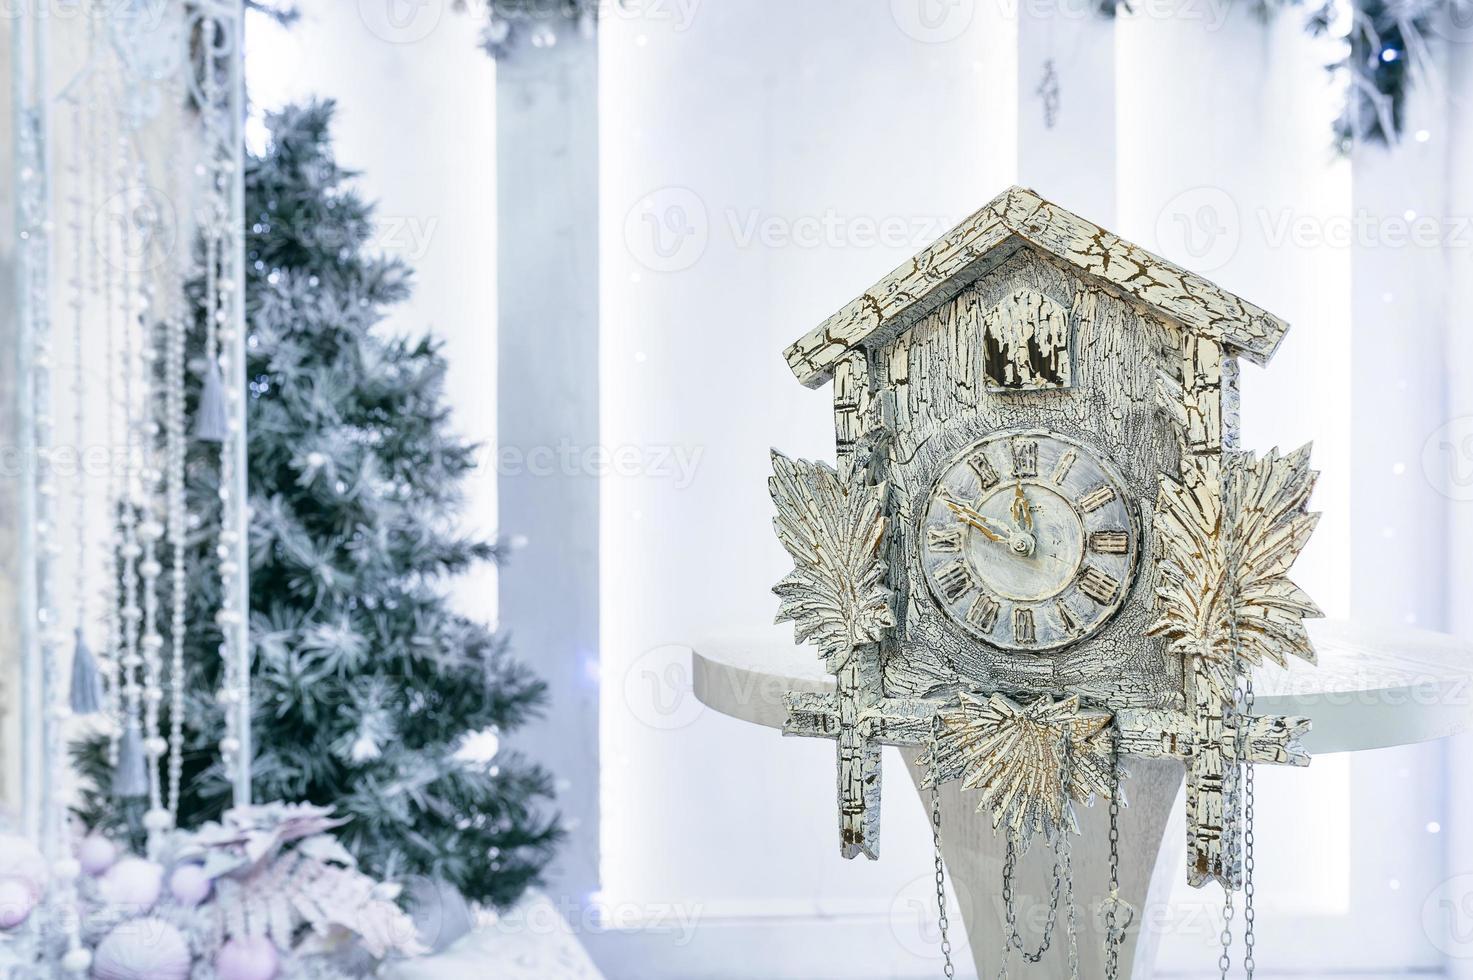 relojes antiguos y arbol de navidad foto